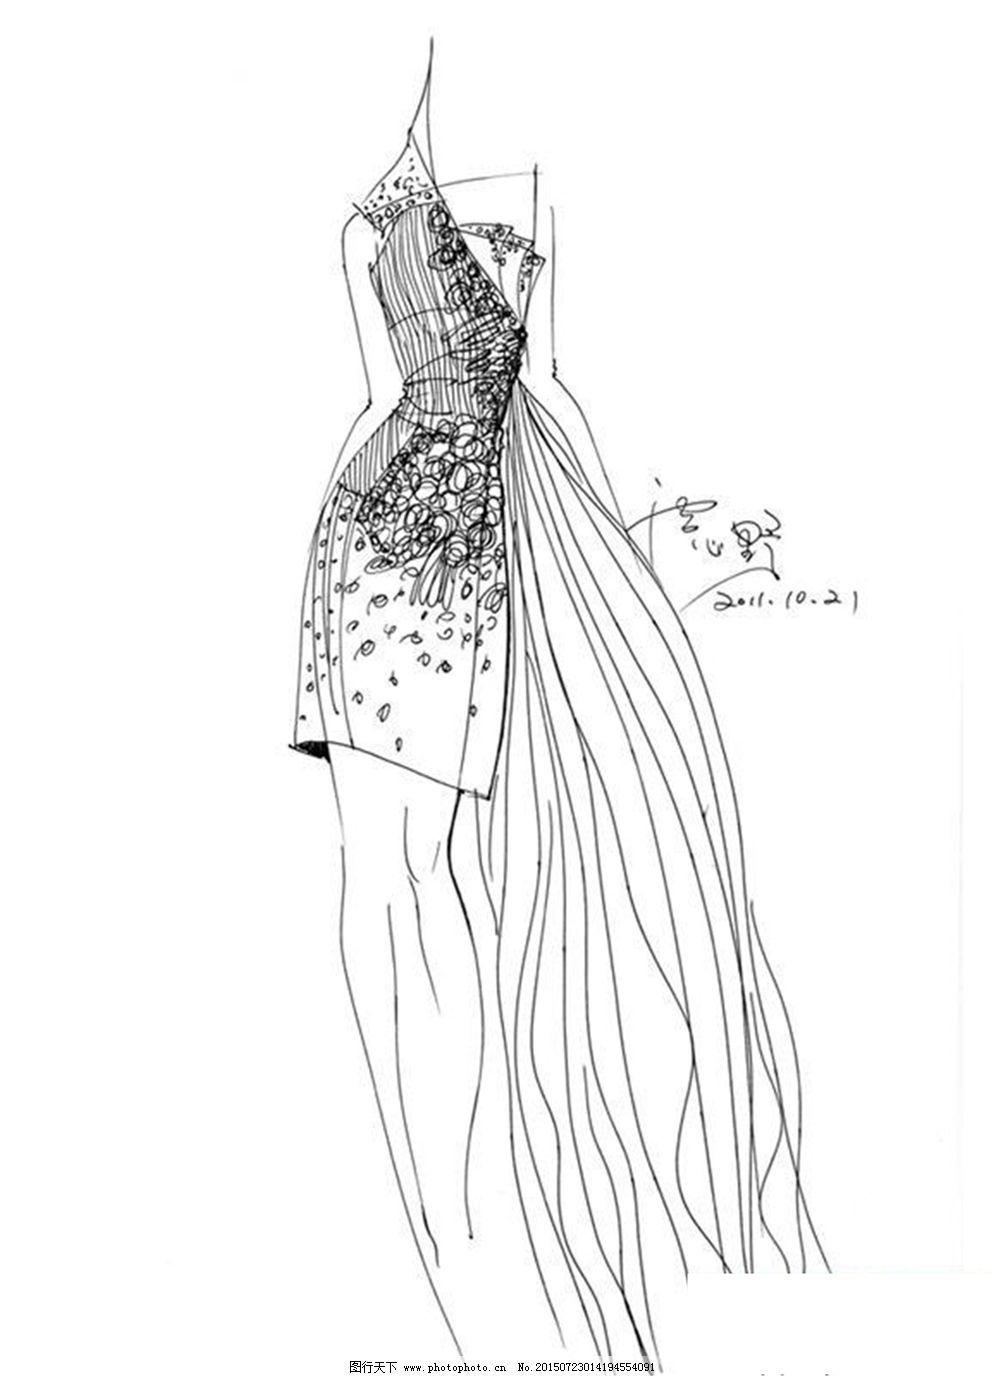 服装画手绘技法简单-简单服装设计图裙子|服装画手绘技法款式图|服装